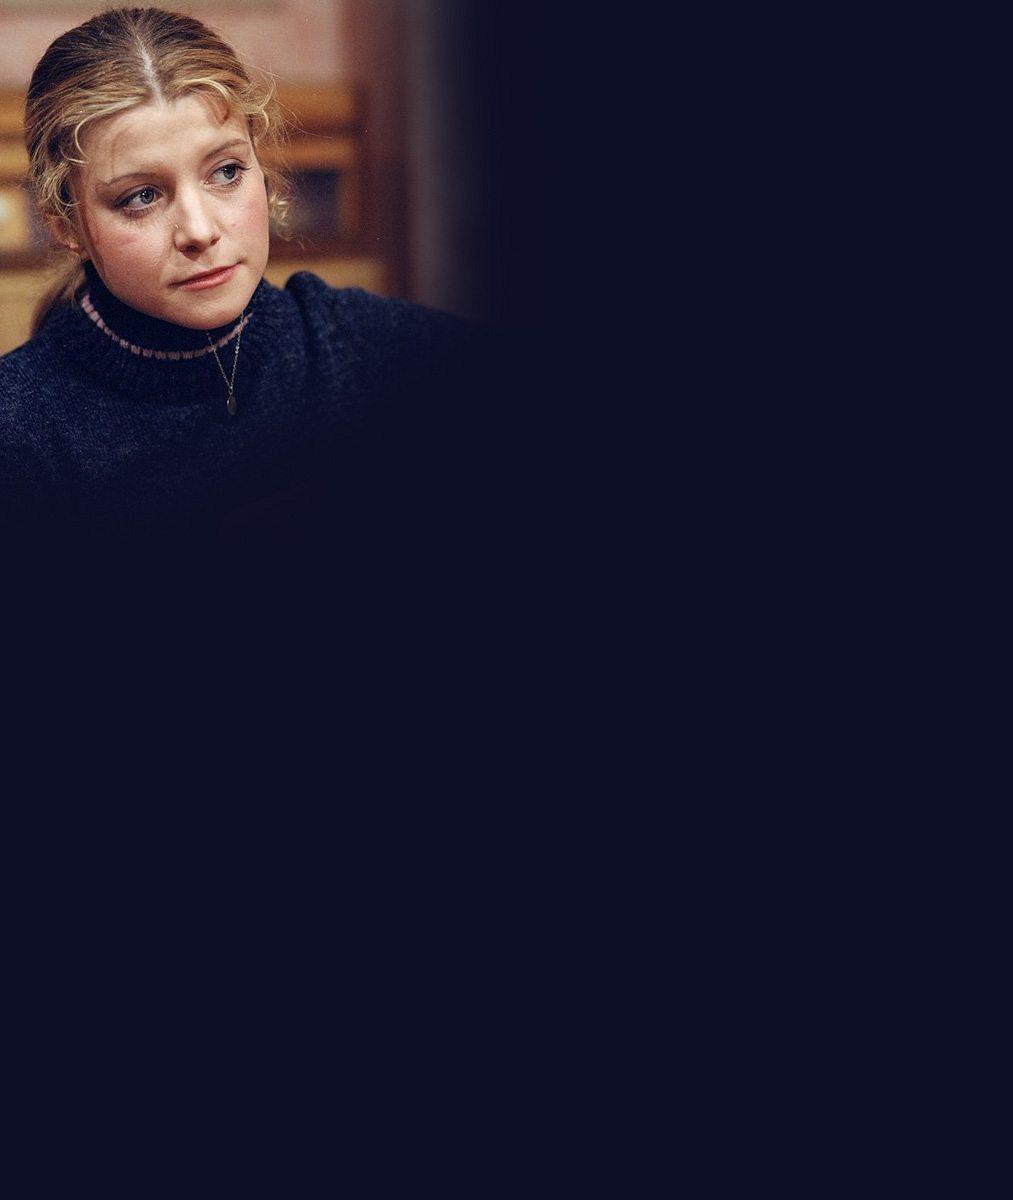 Sympatická recepční z Policie Modrava opět ve společnosti: Tipovali byste jí blížící se šedesátku?